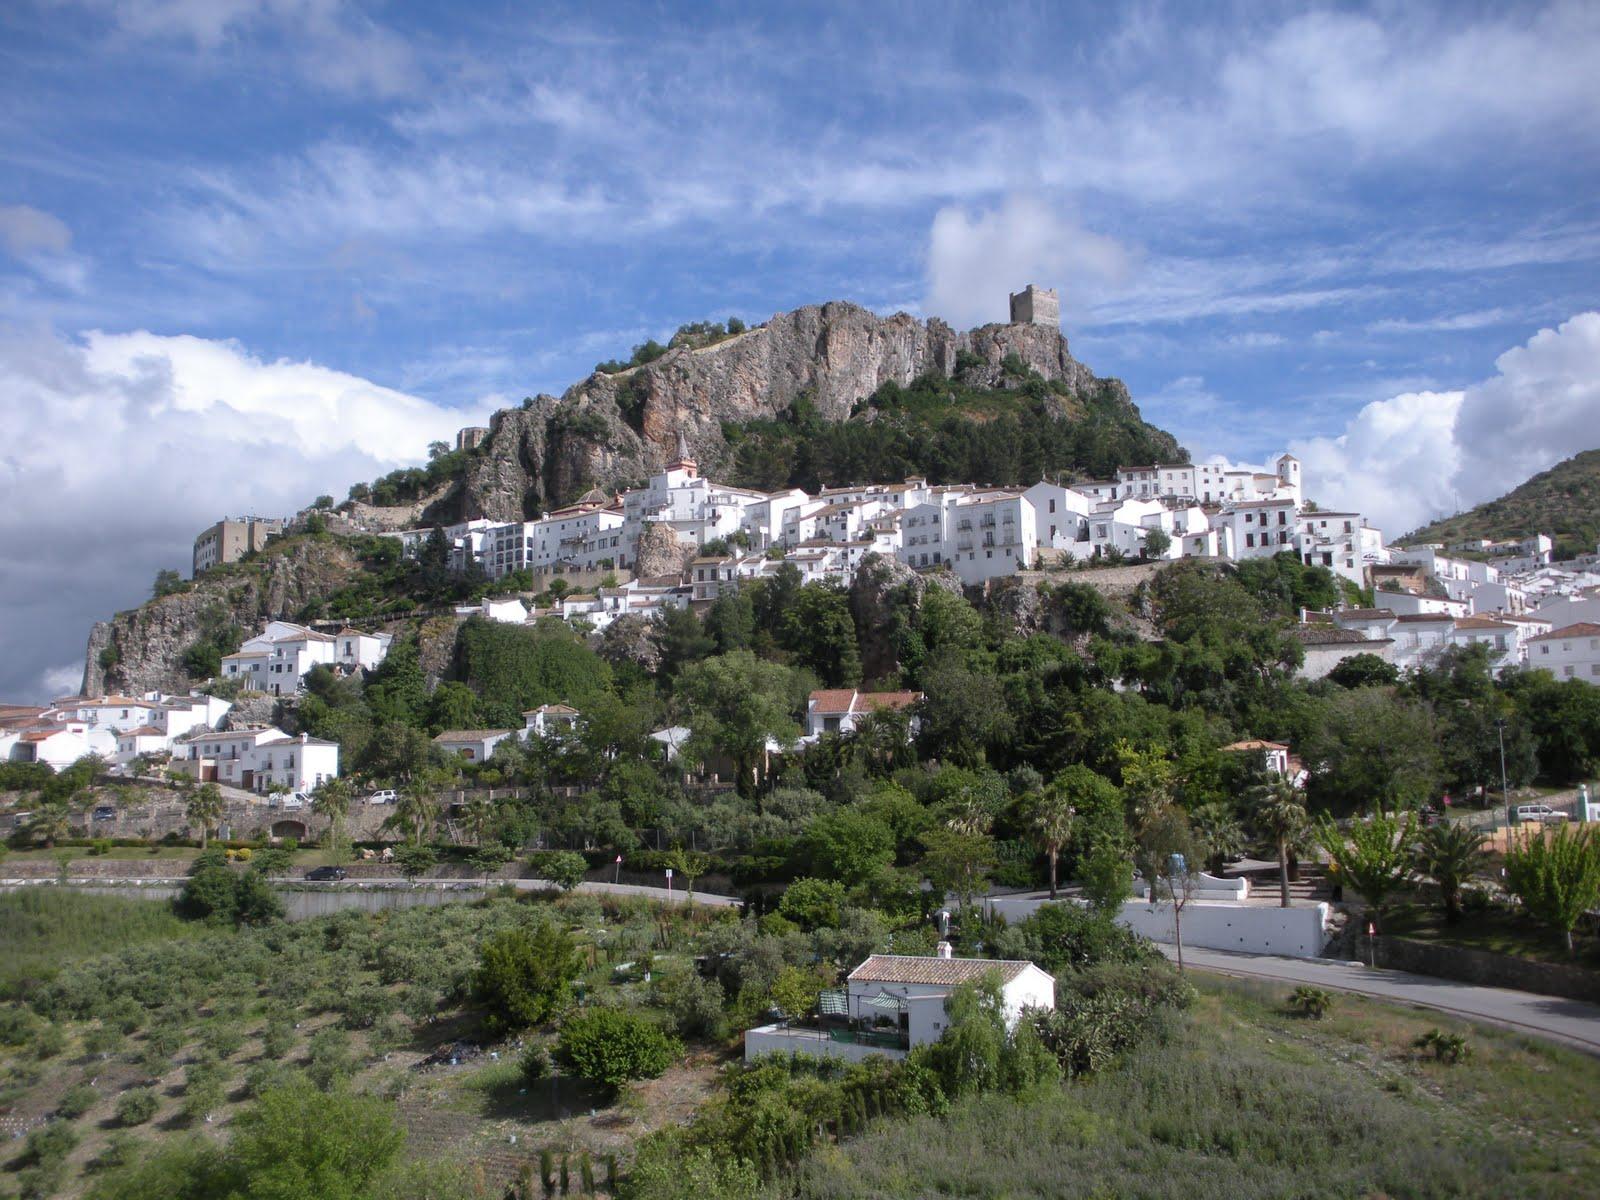 Grazalema Spain  city images : ... in Spain: Pueblos Blancos de la Sierra de Grazalema, Andalucía